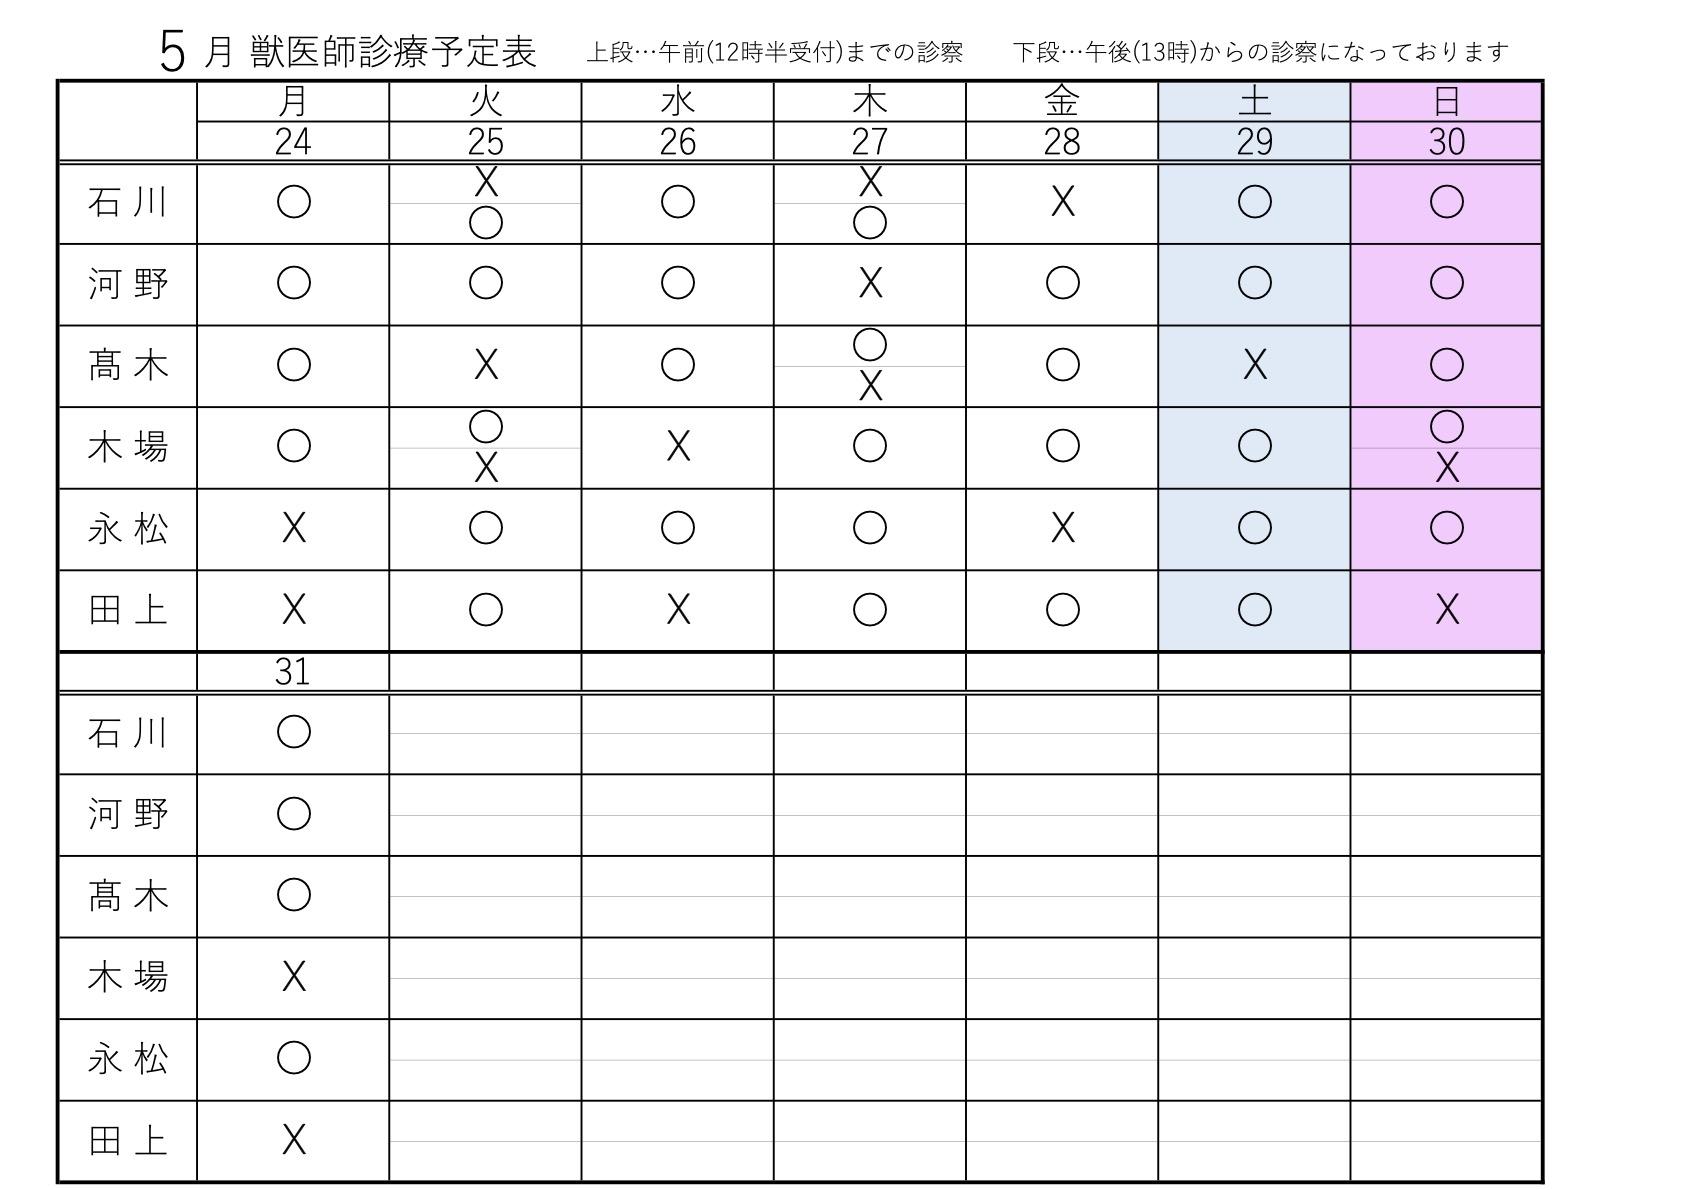 5月24〜31日 獣医師診療予定表